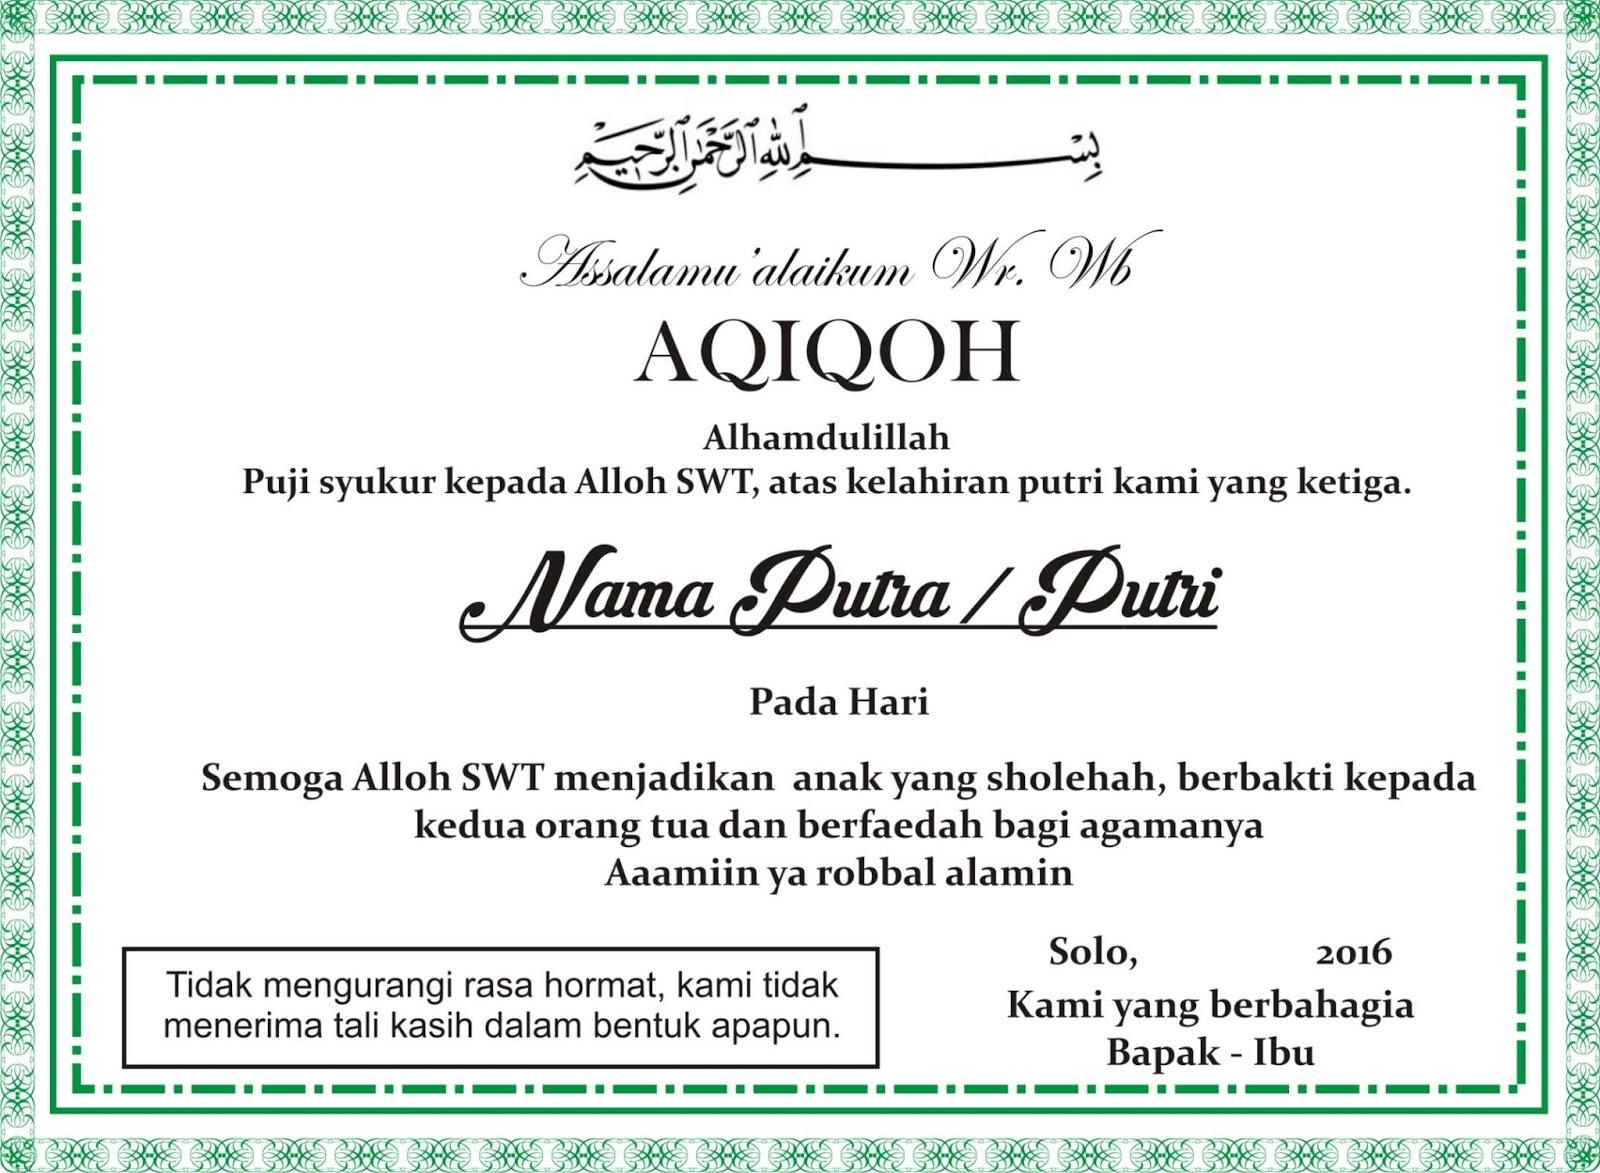 Download Ucapan Aqiqah Di Kotak Nasi Nusagates